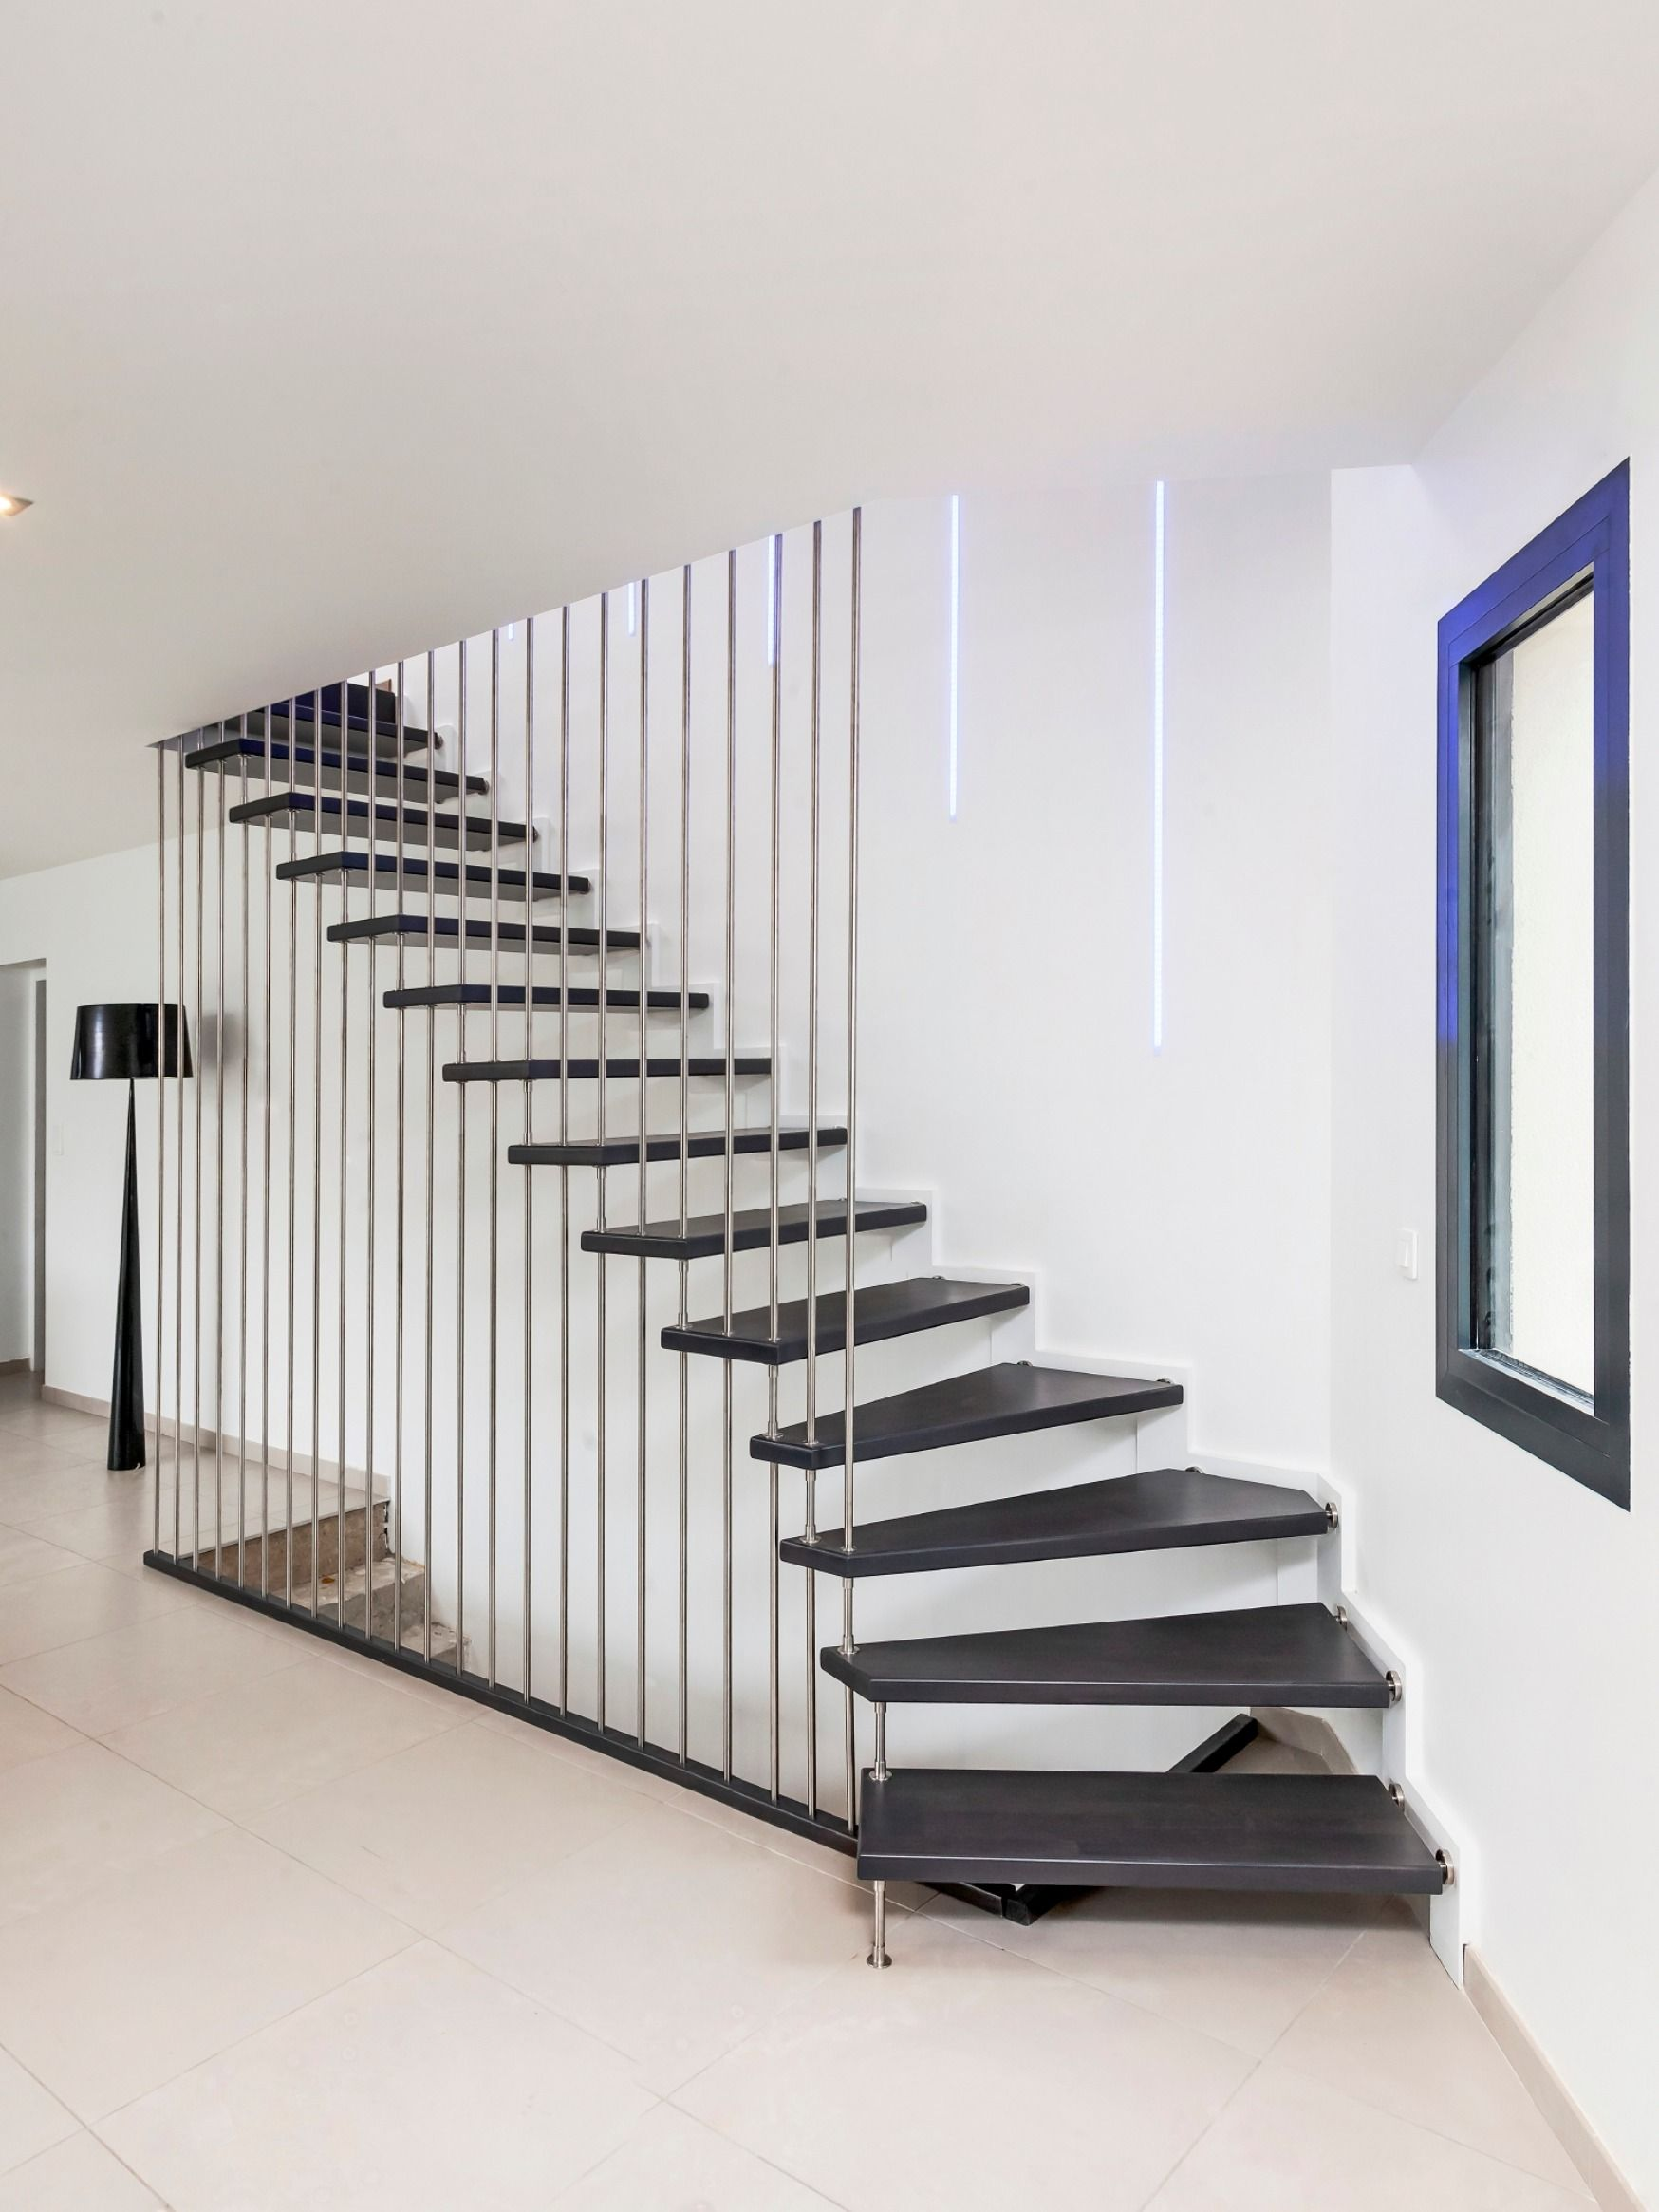 Escalier Bois Metal Noir fabricant et créateur d'escaliers design | escalier suspendu